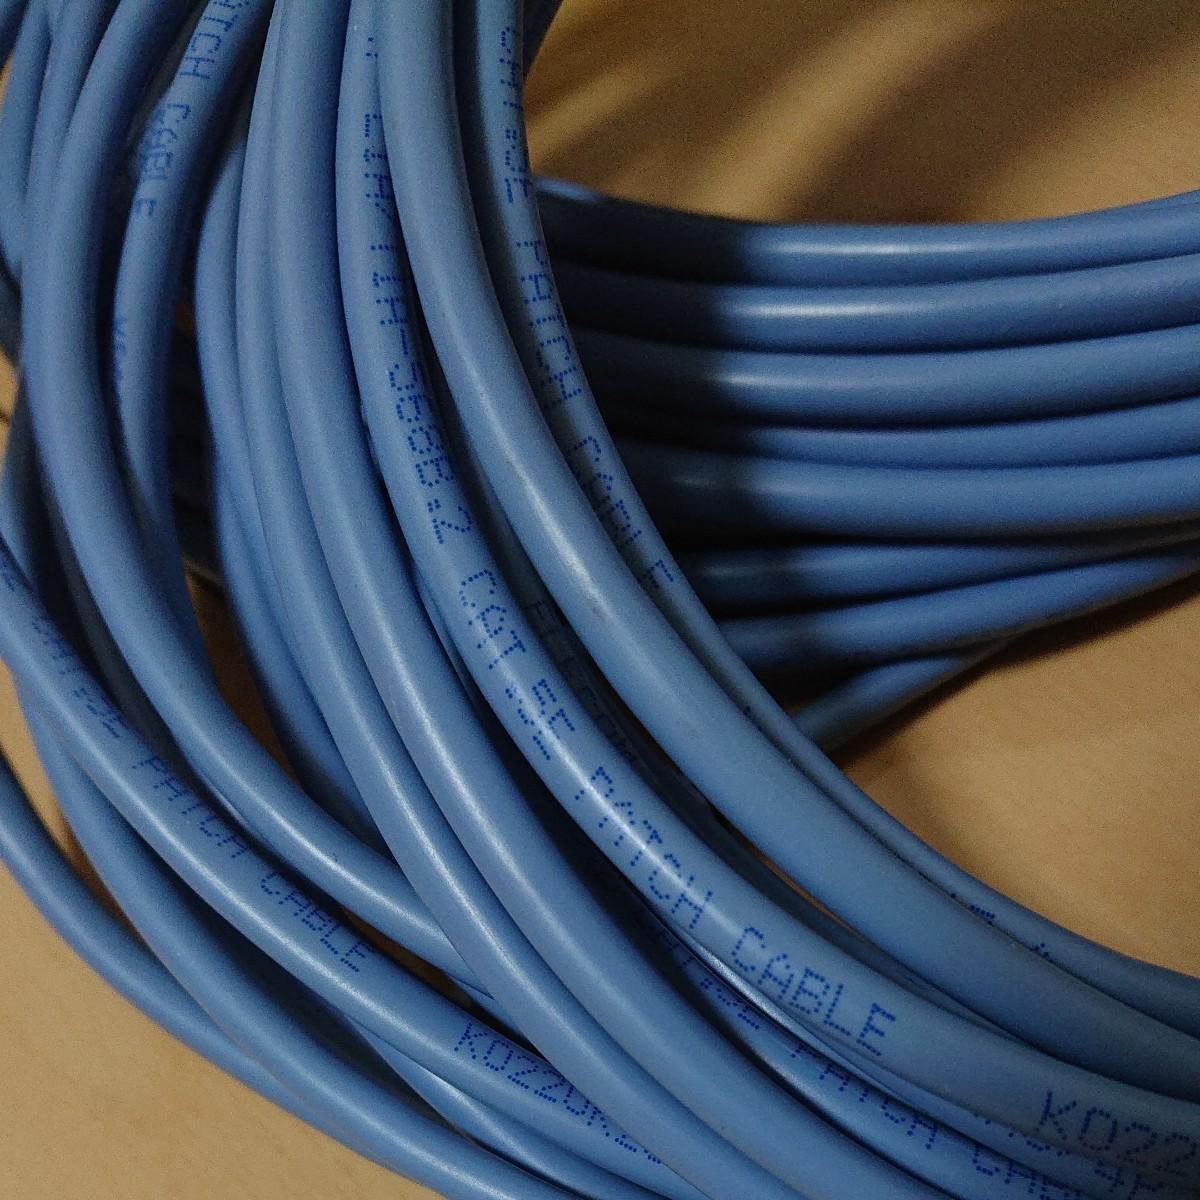 エレコム RoHS準拠 CAT5E対応 LANケーブル 10m ブルー 中継コネクタ付